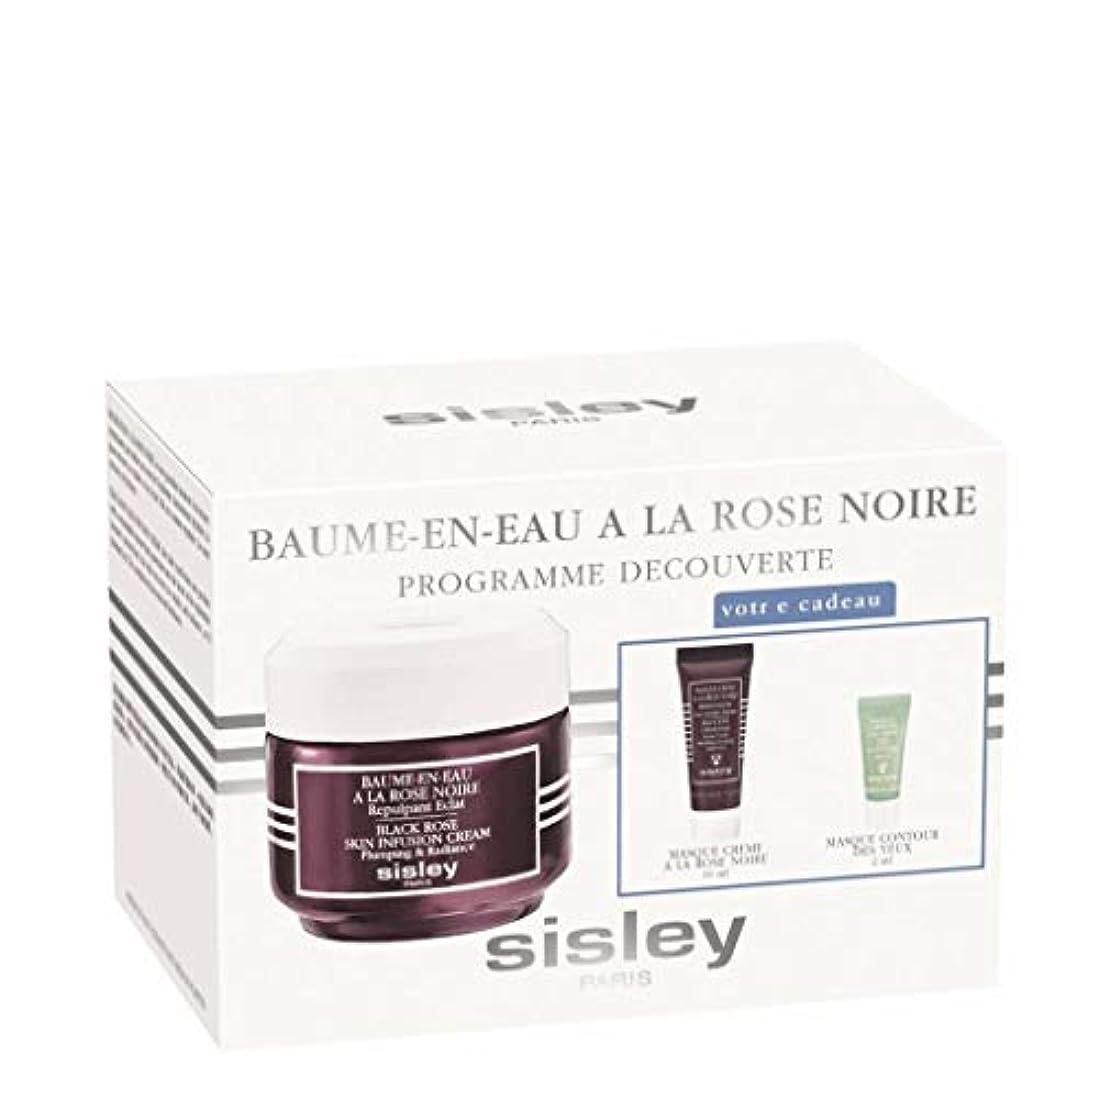 震えたまに仮説シスレー Black Rose Skin Infusion Cream Discovery Program: Black Rose Skin Infusion Cream 50ml+Black Rose Cream Mask...